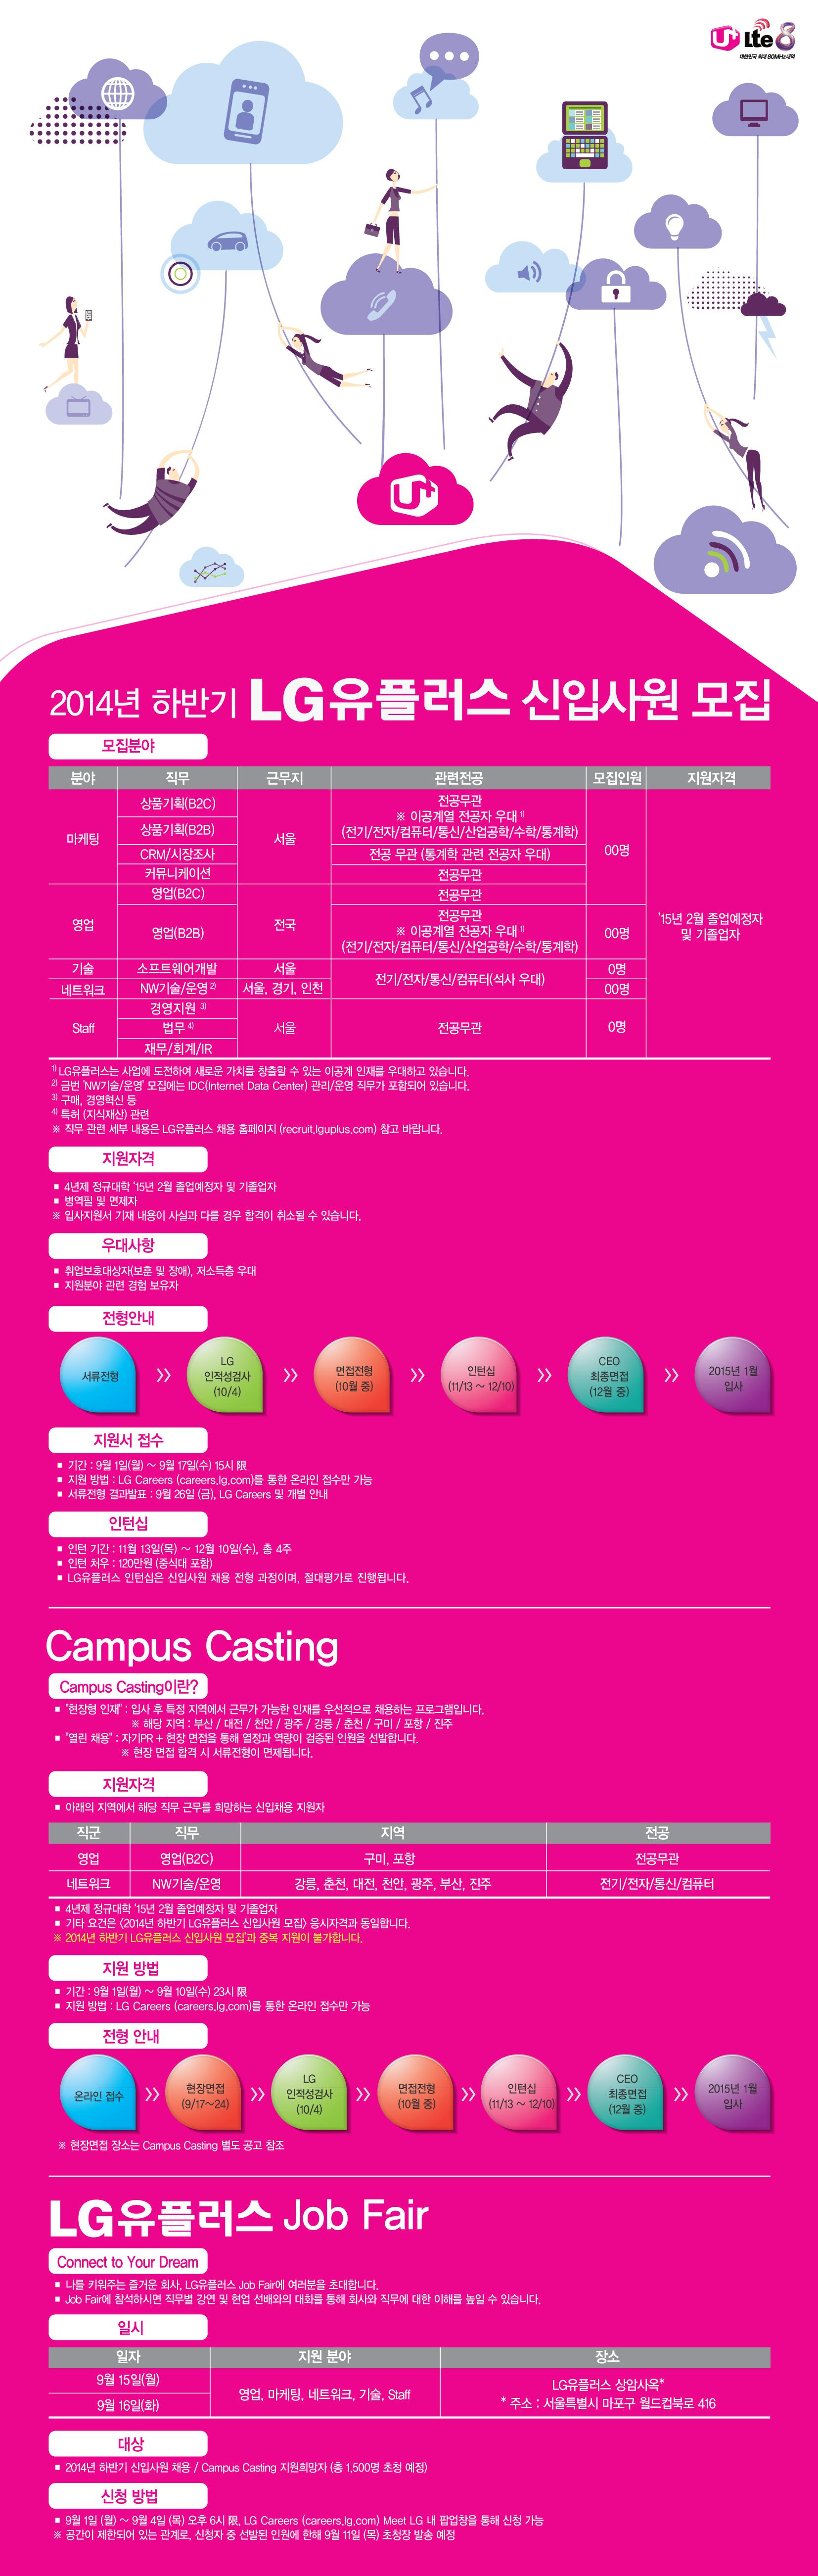 2014년 하반기 LG 유플러스 신입사원 채용